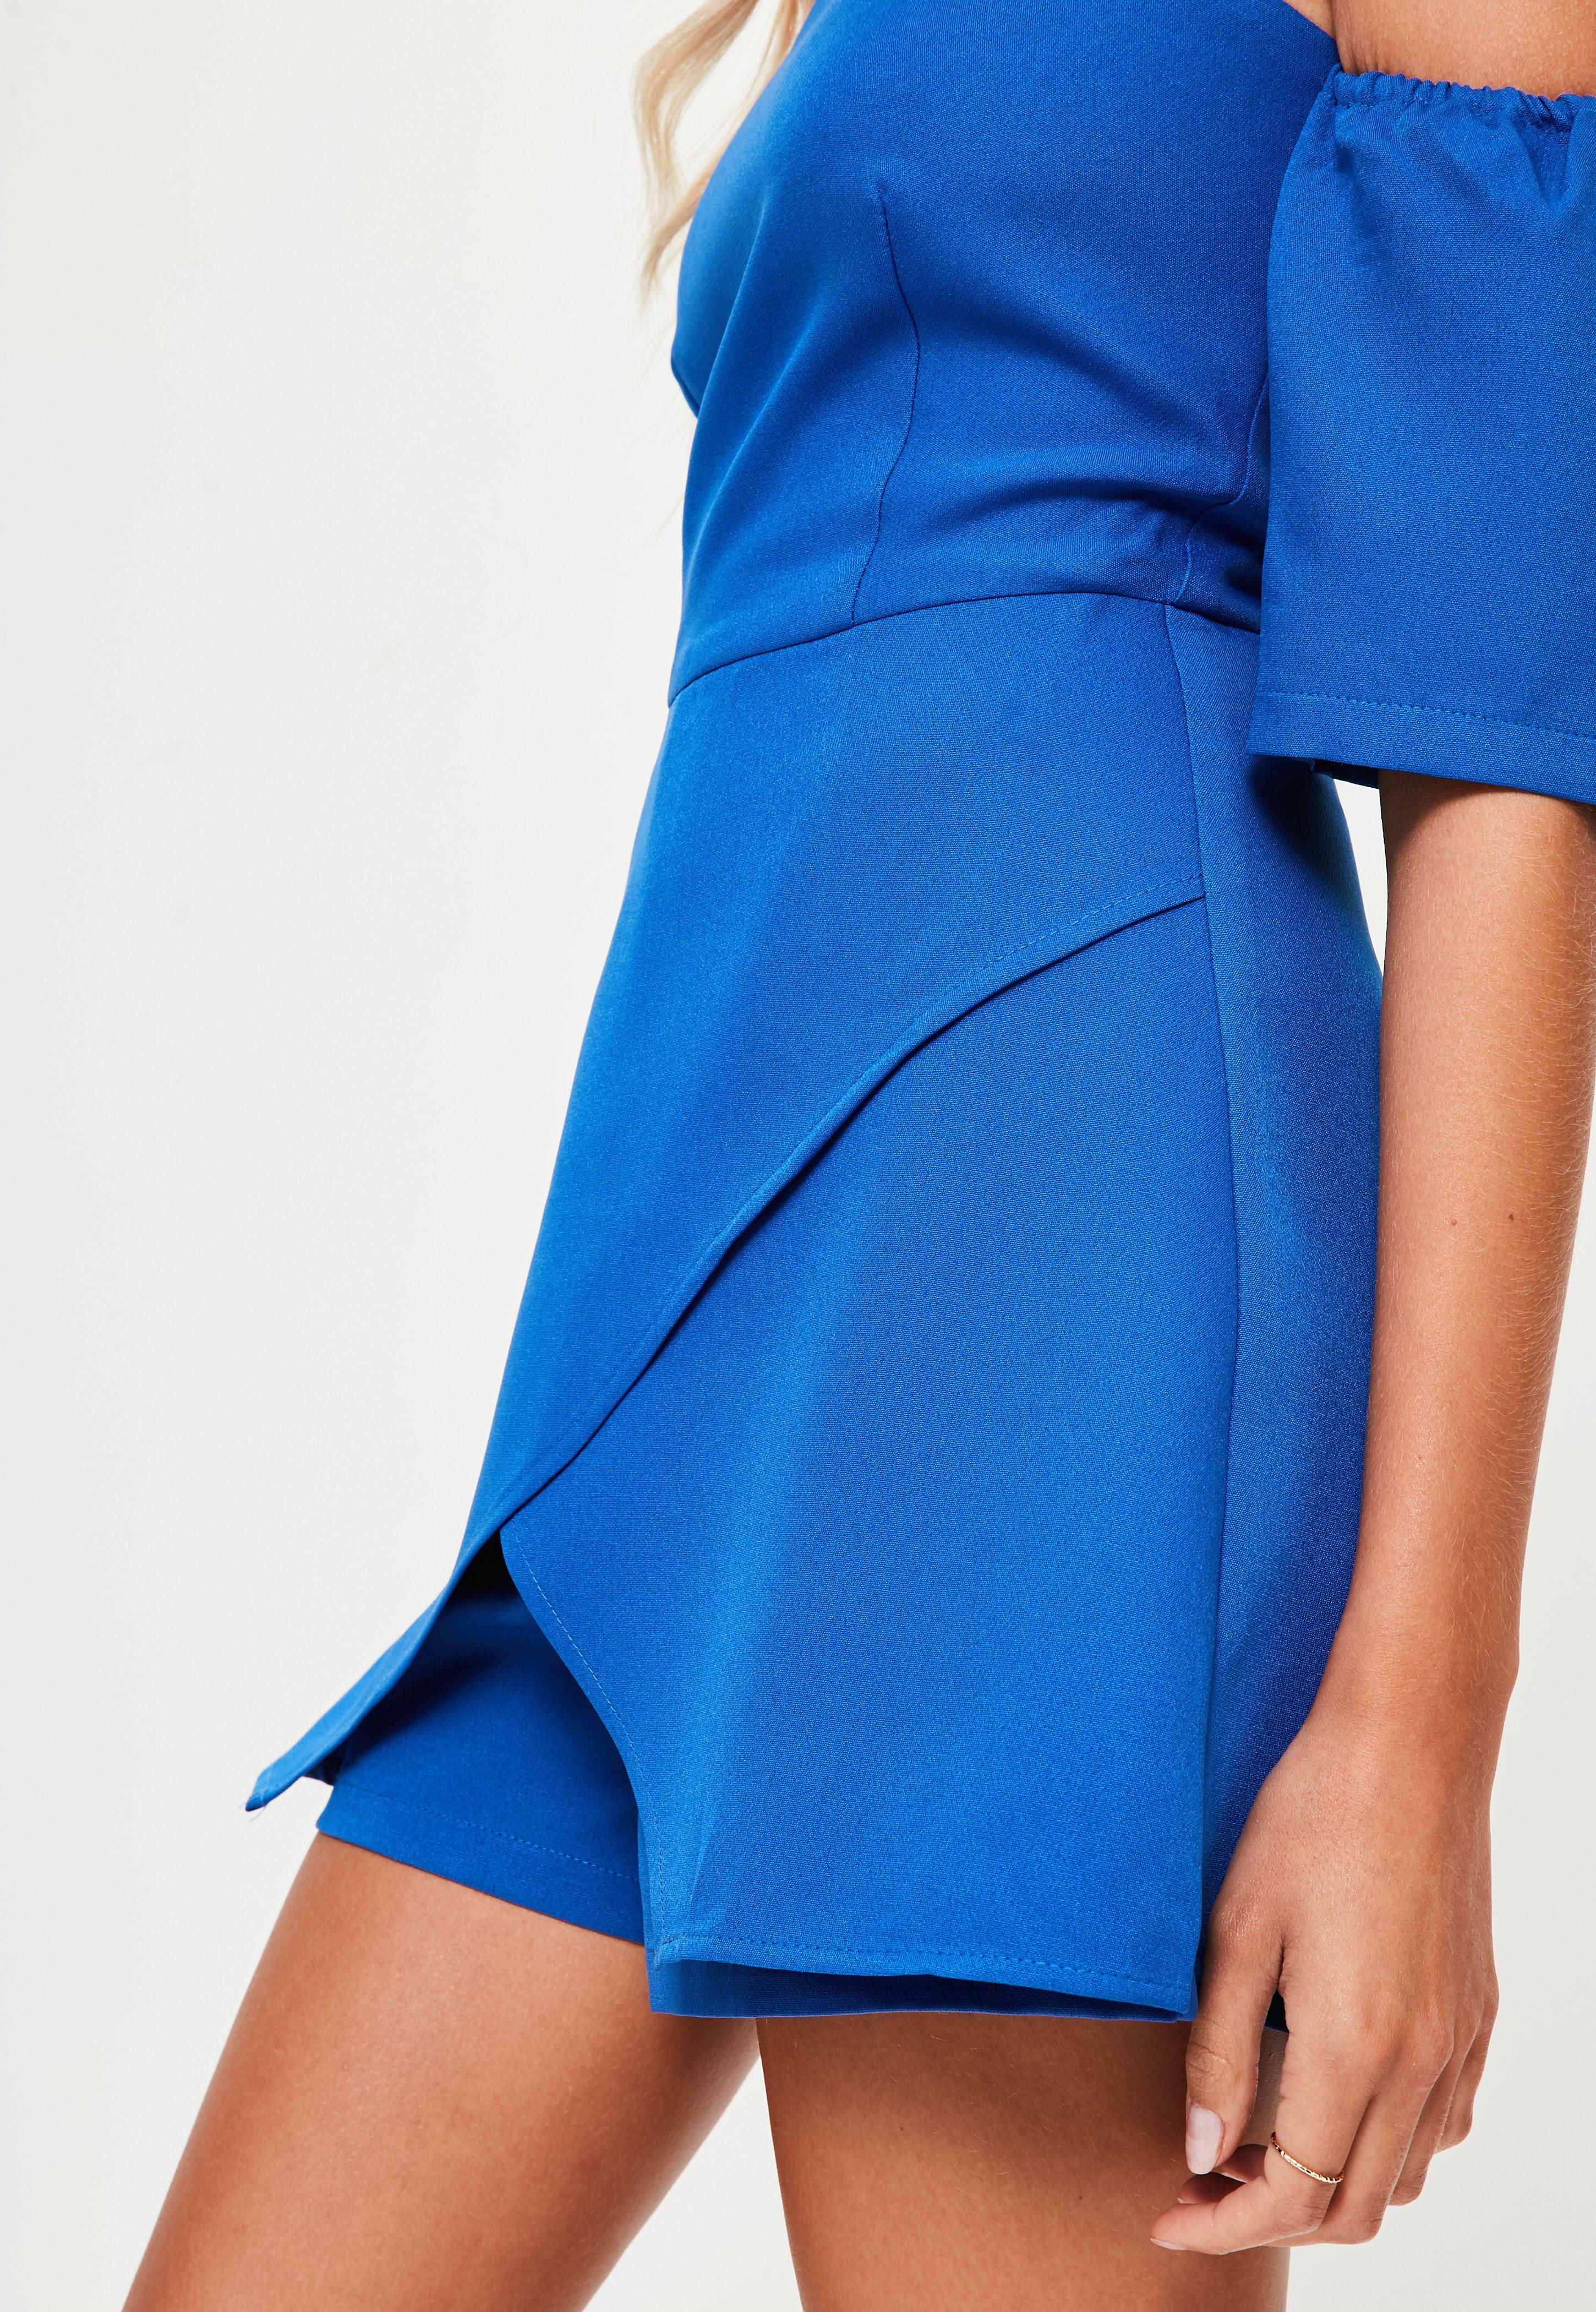 892d0a75f4 Missguided - Blue Bardot Skort Playsuit - Lyst. View fullscreen